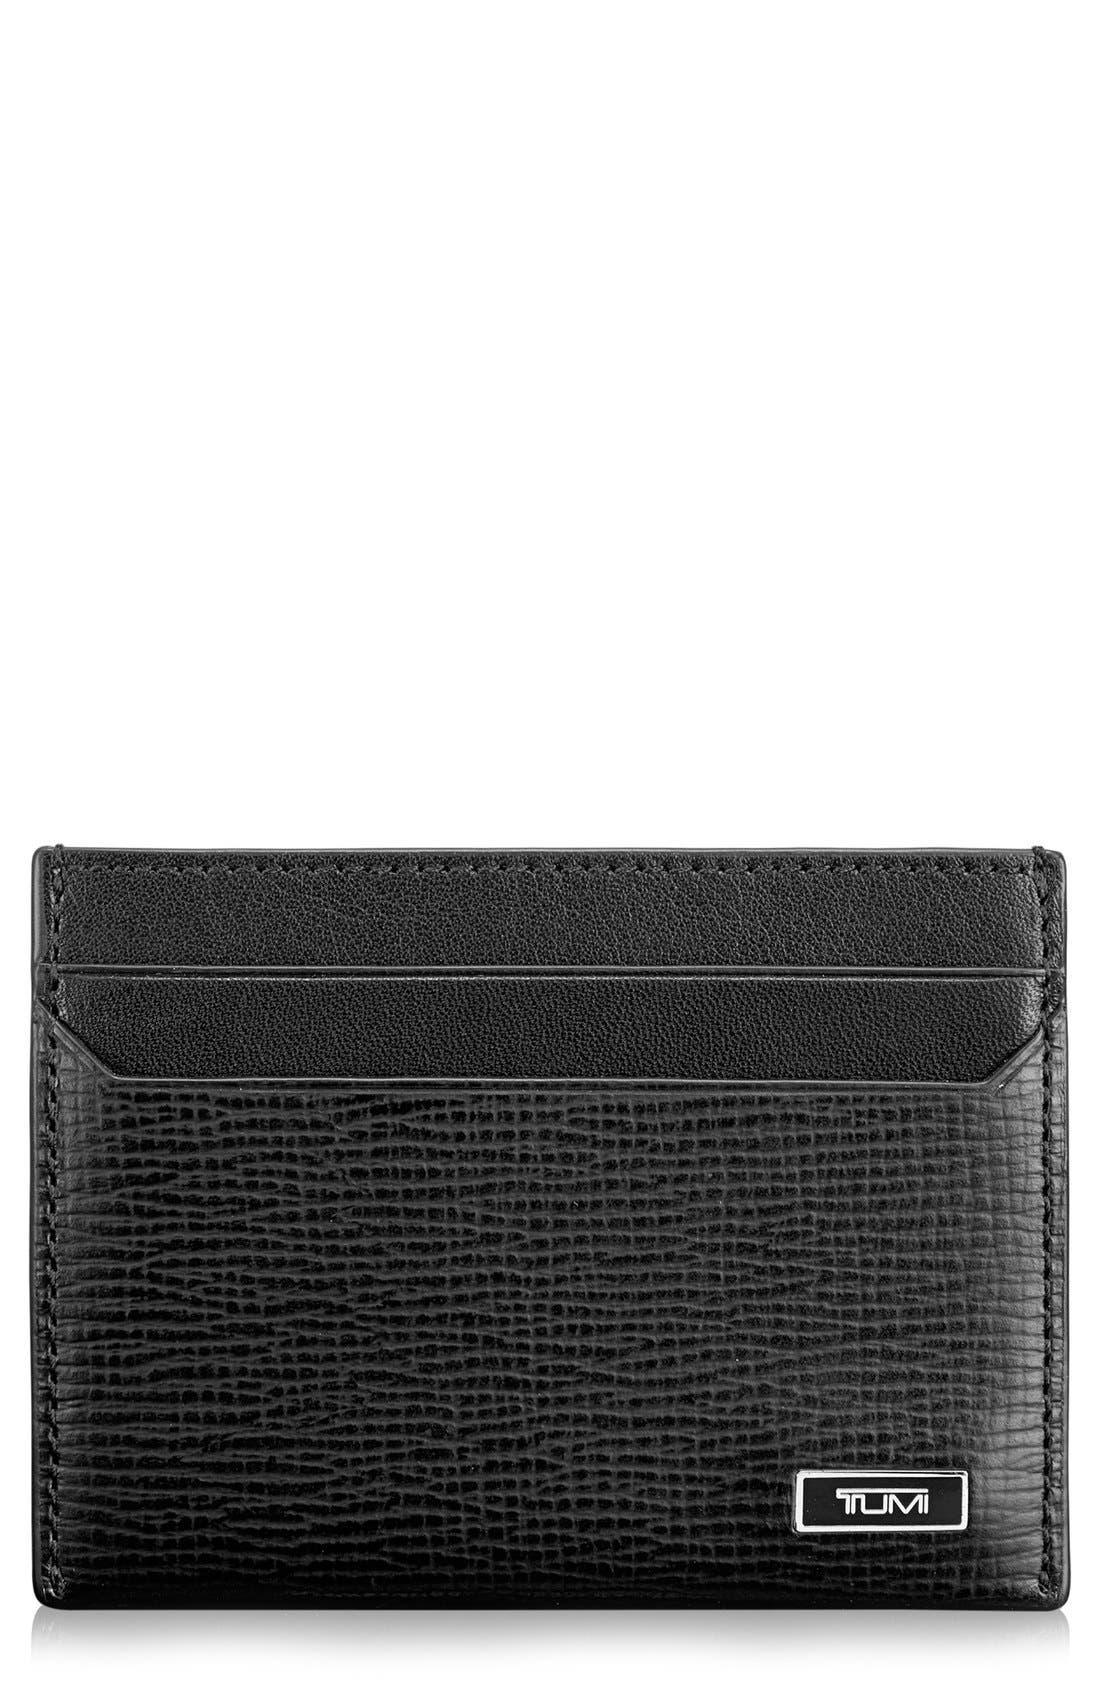 Tumi 'Monaco' Slim Leather Card Case